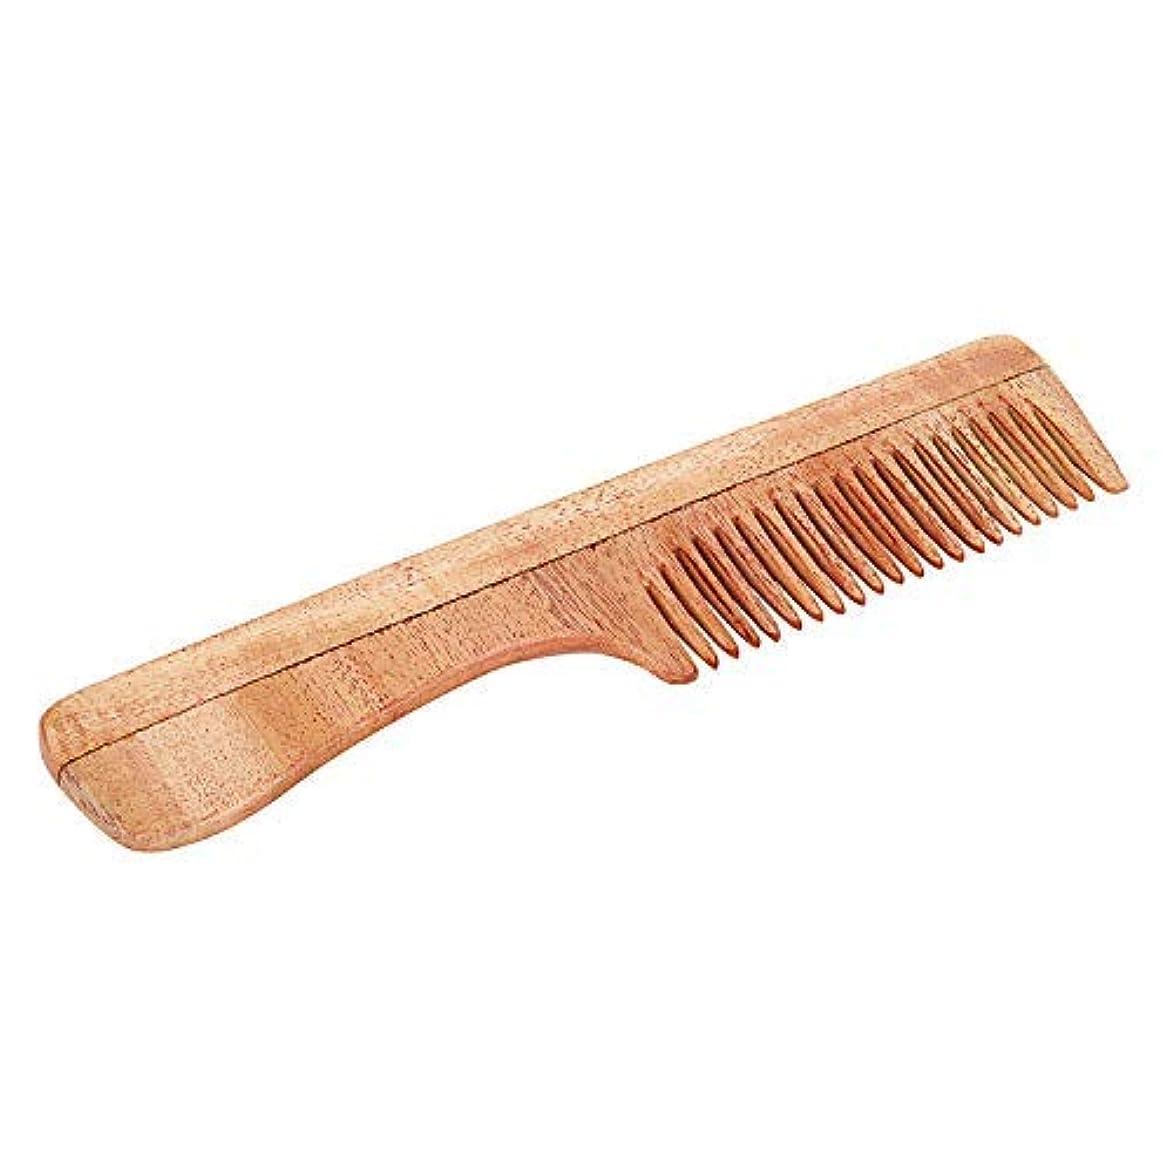 判読できない世界記録のギネスブック才能SVATV Handcrafted Neem Wood Comb with Handle N-73 (7